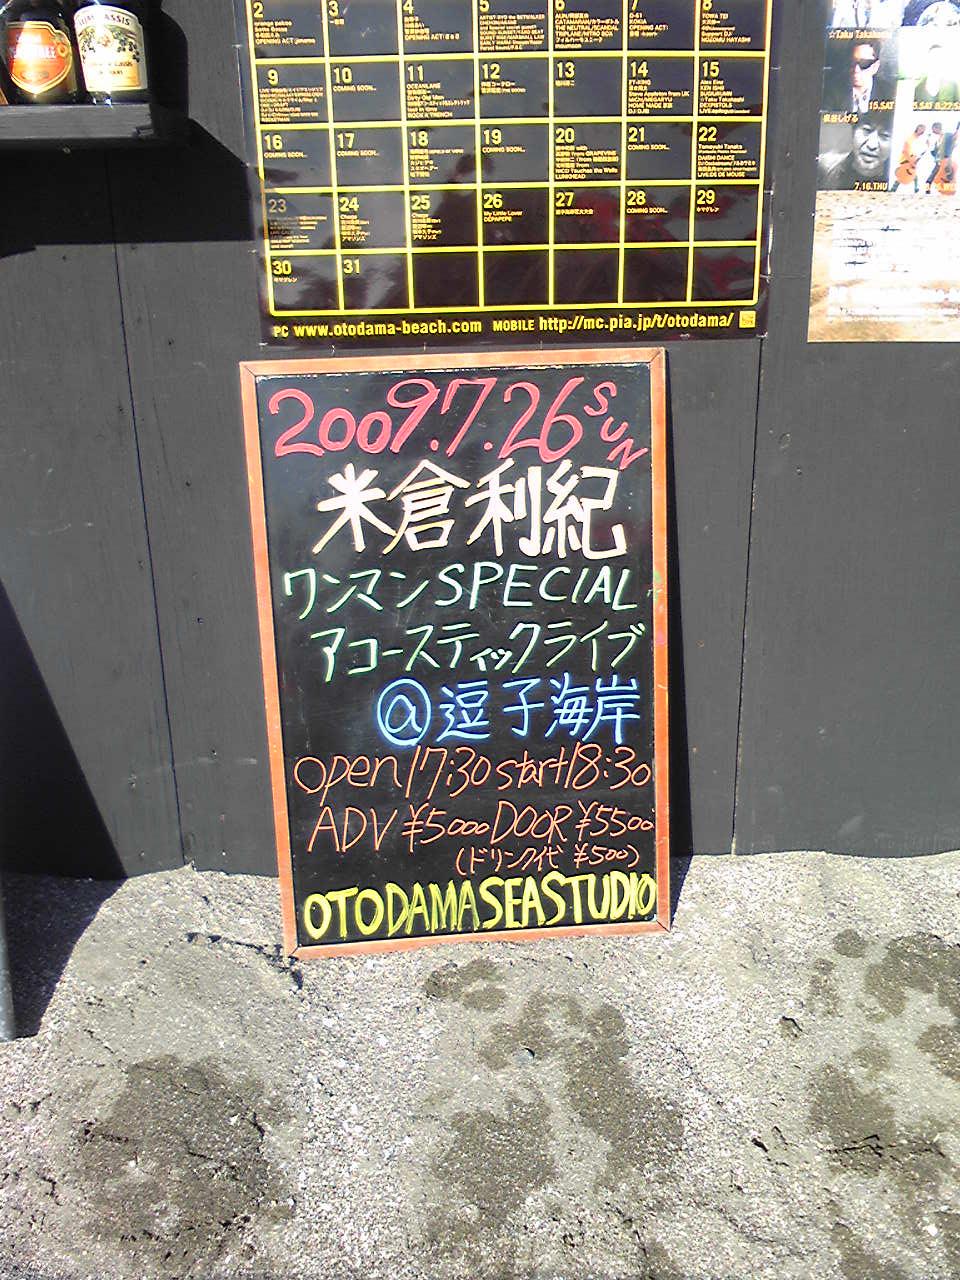 Toshinori Yokokura live